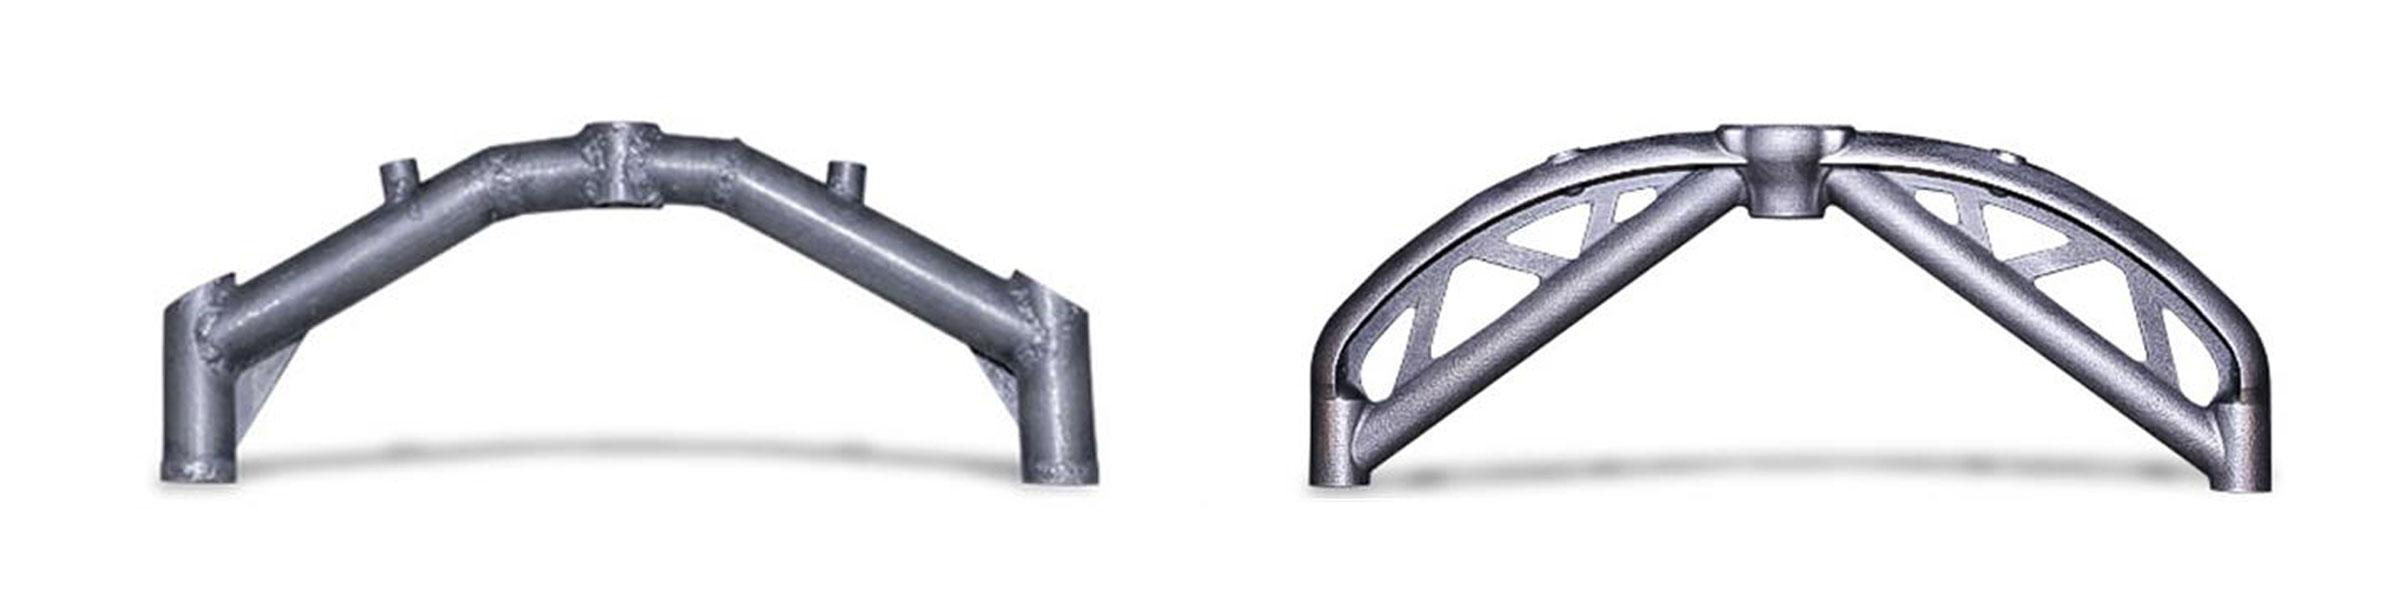 Automotive 3D Printing Applications | 3D Hubs